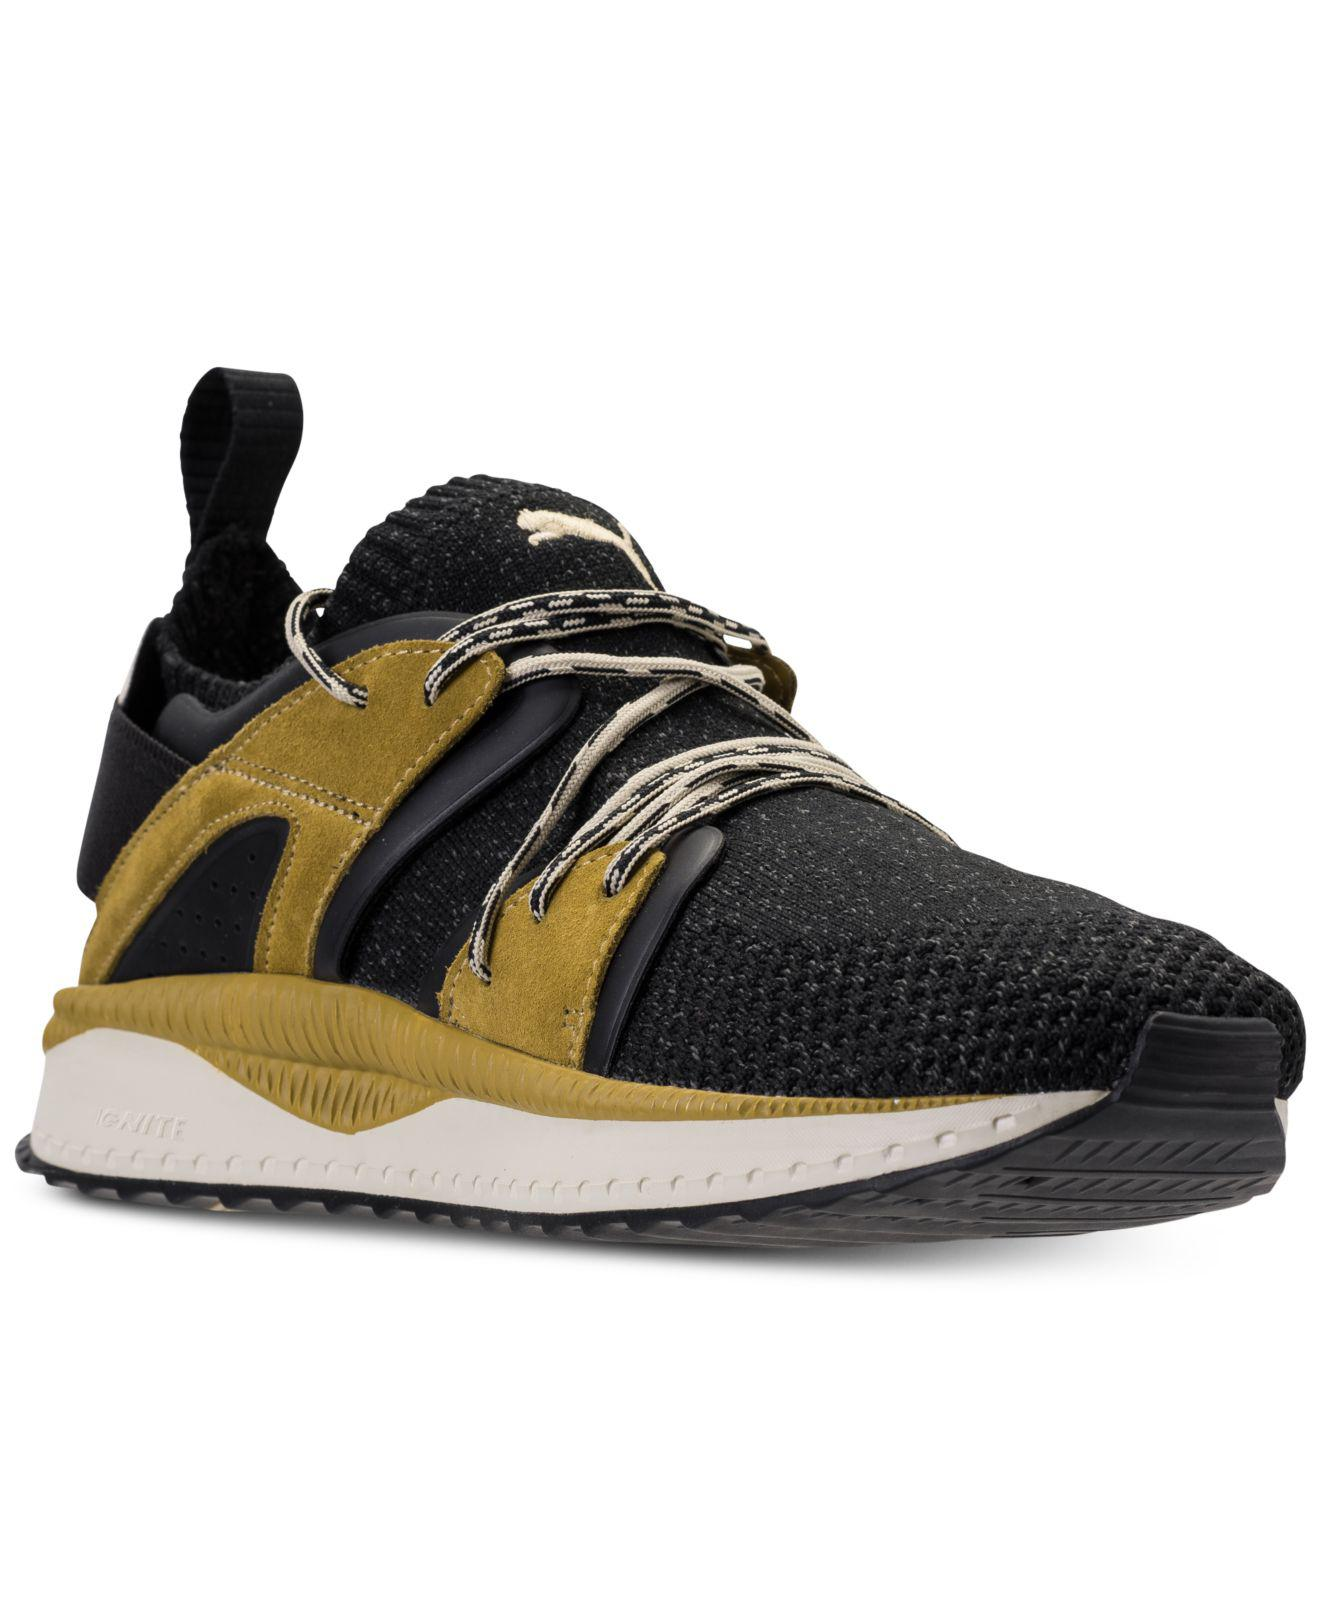 Lyst - PUMA Men s Tsugi Blaze Evo Camo Casual Sneakers From Finish ... 866016c63